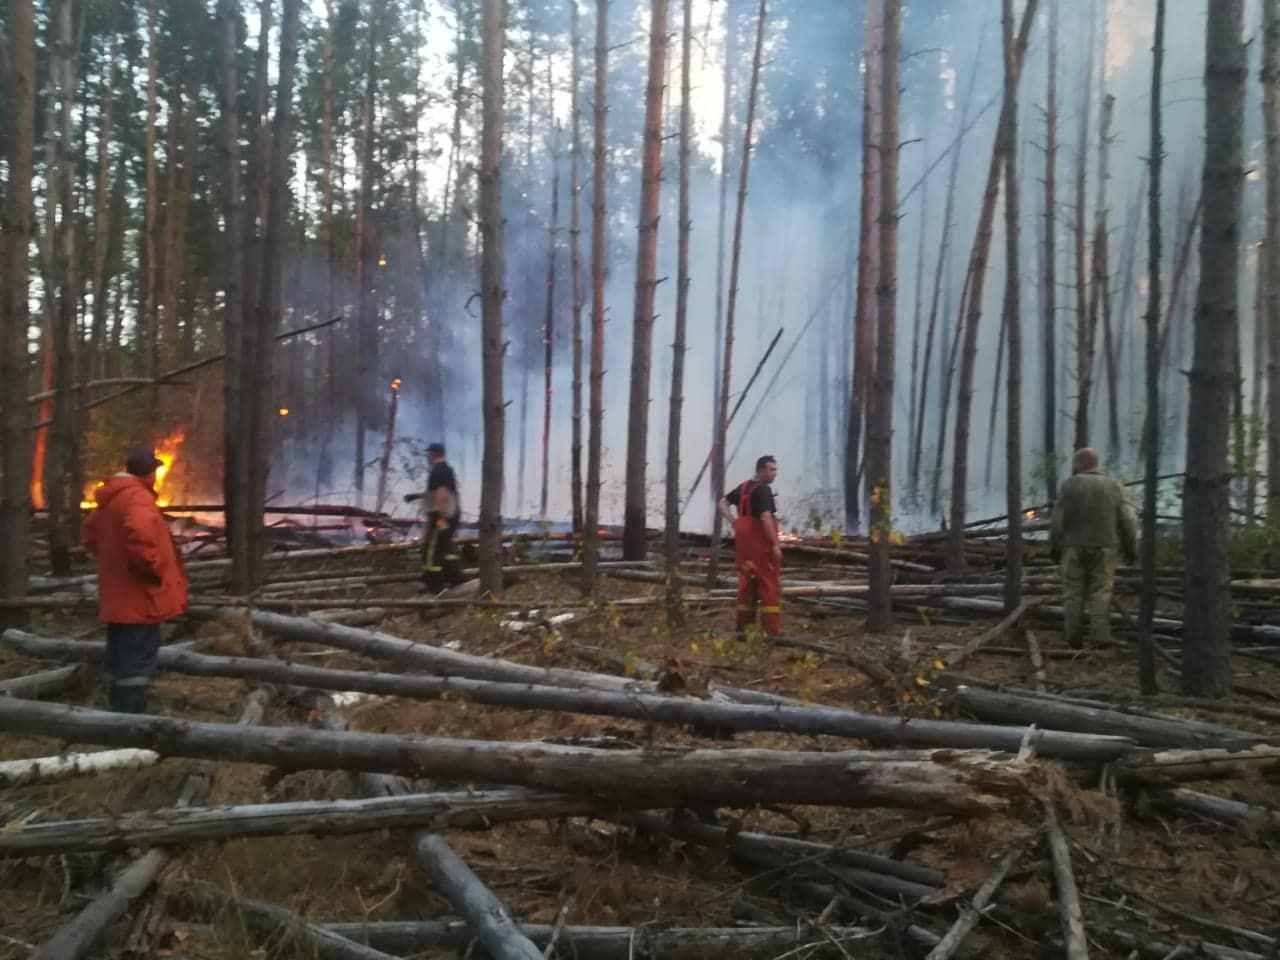 У гасінні лісу в Чорнобильській зоні задіяна авіація -  - 70257945 665762370596470 3036877173483896832 n